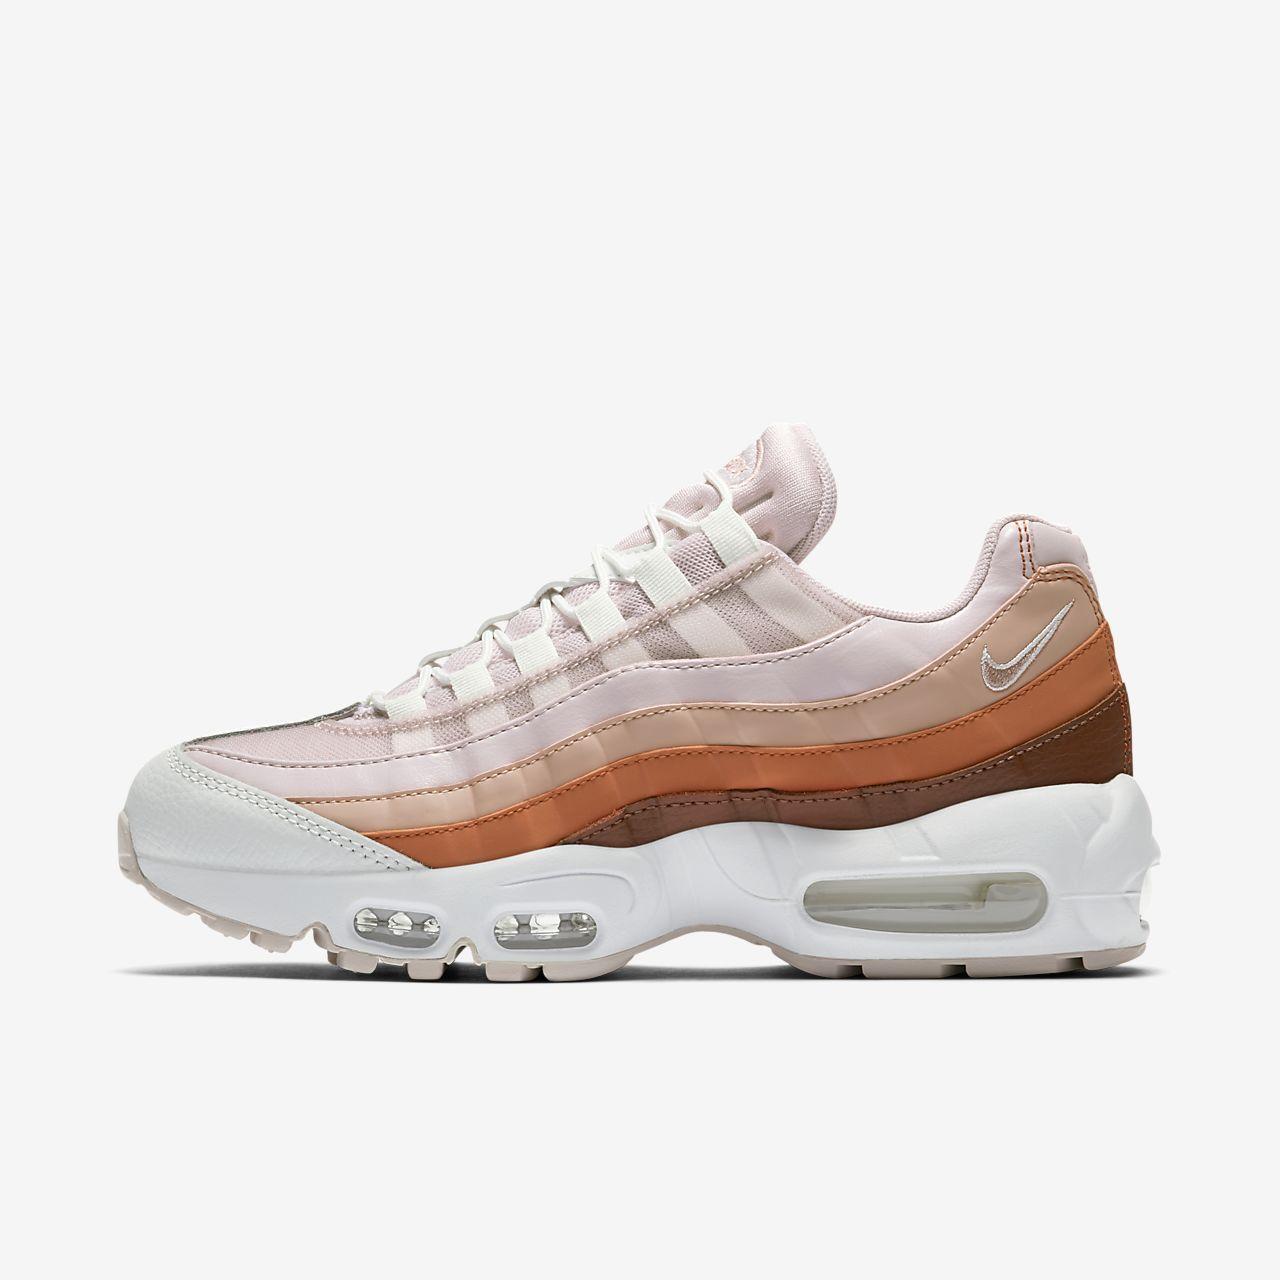 ... Nike Air Max 95 OG Women's Shoe